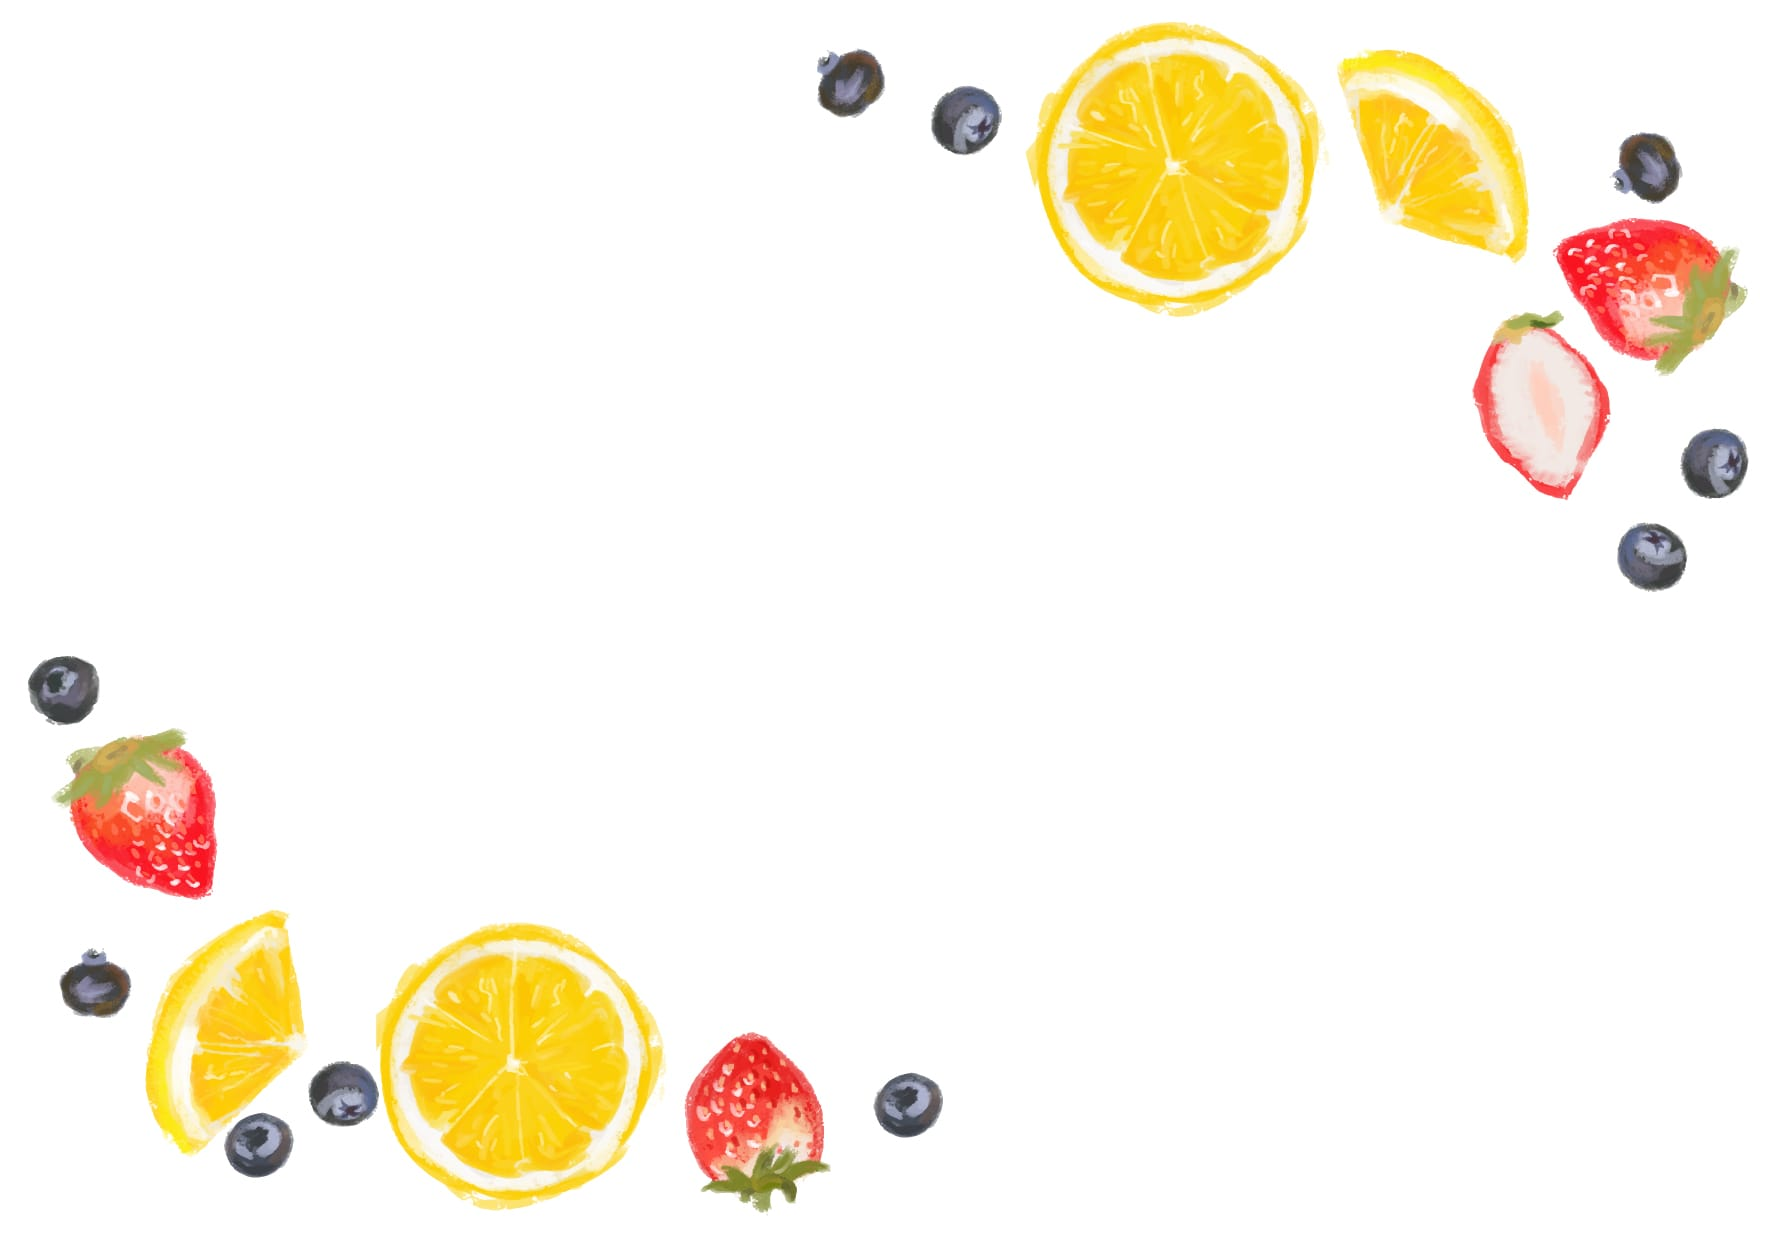 おしゃれなイラスト|手書き いちご オレンジ ブルーベリー 背景